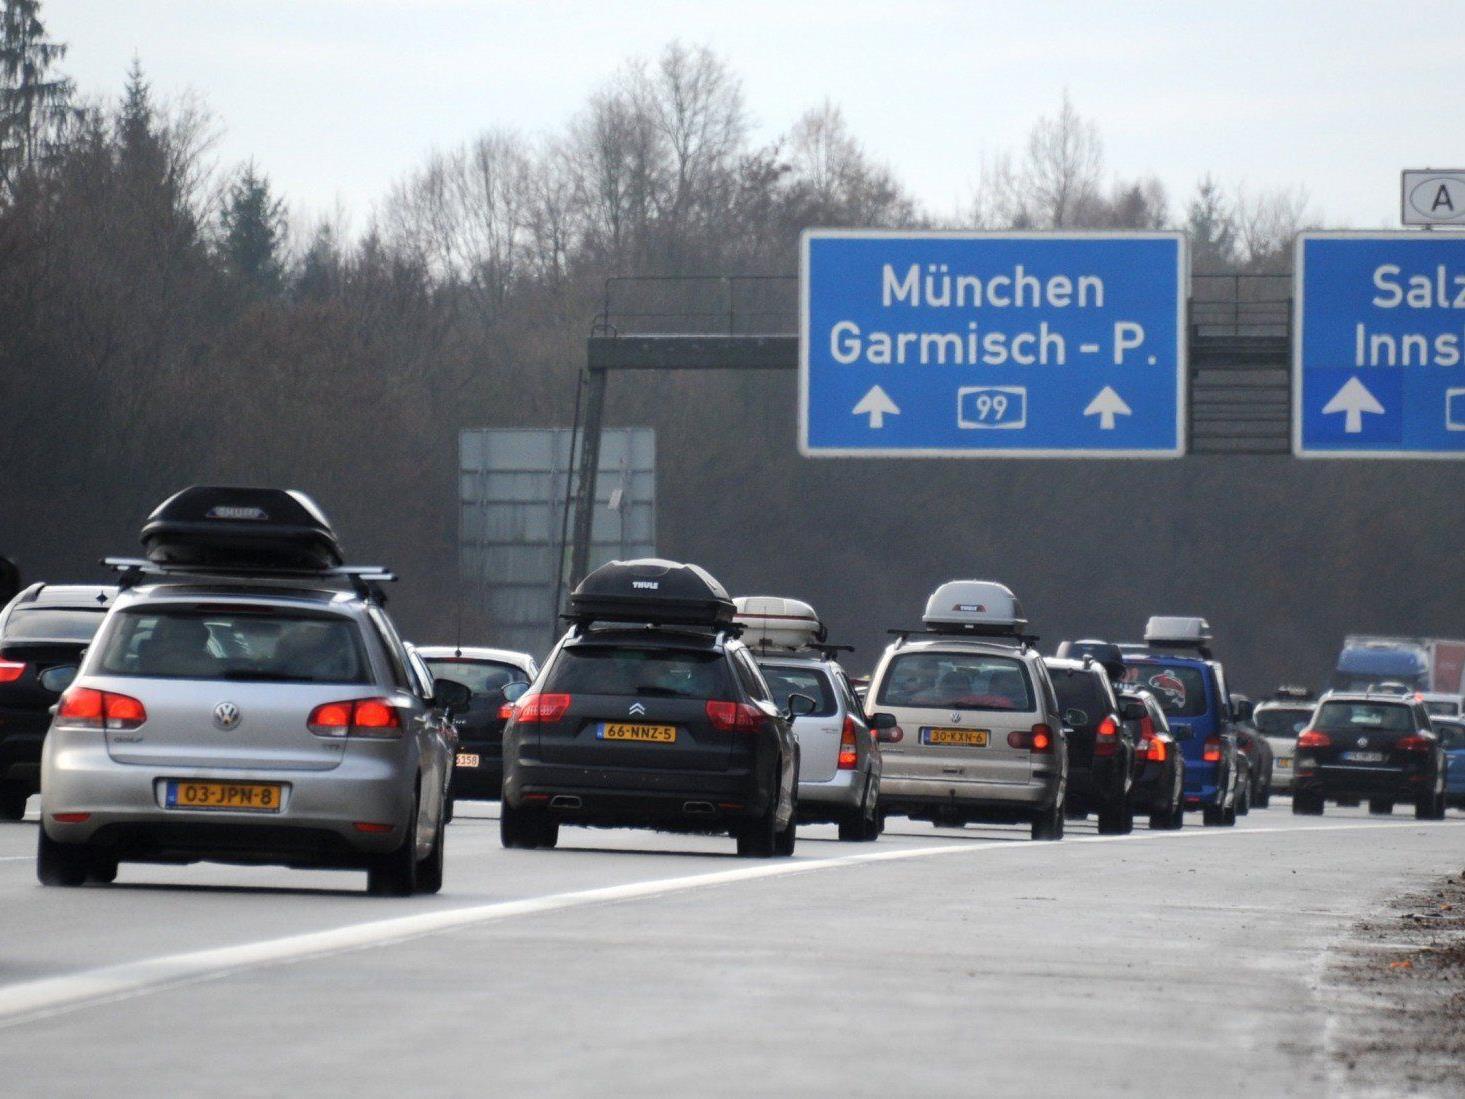 Auf der Inntalautobahn fuhr ein Autofahrer 66 km/h zu schnell.